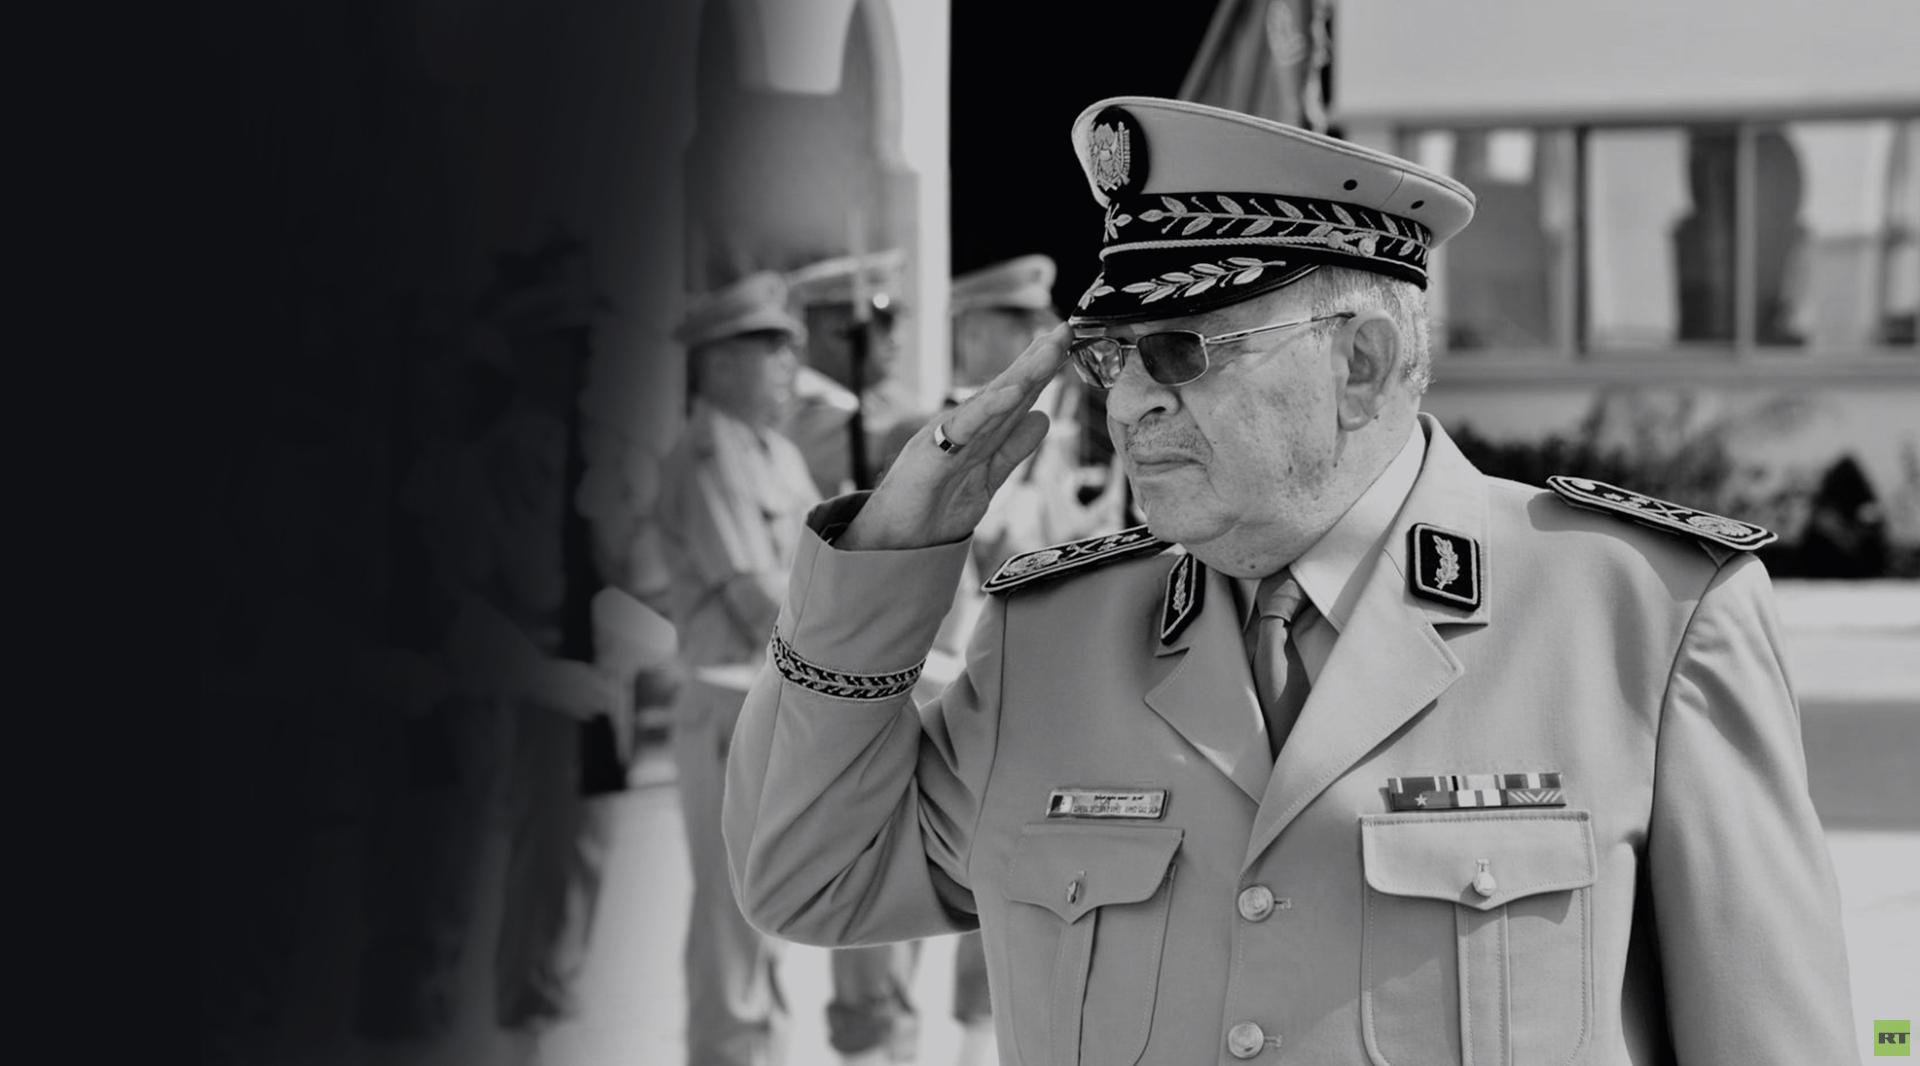 وفاة رئيس الأركان الجزائري أحمد قايد صالح